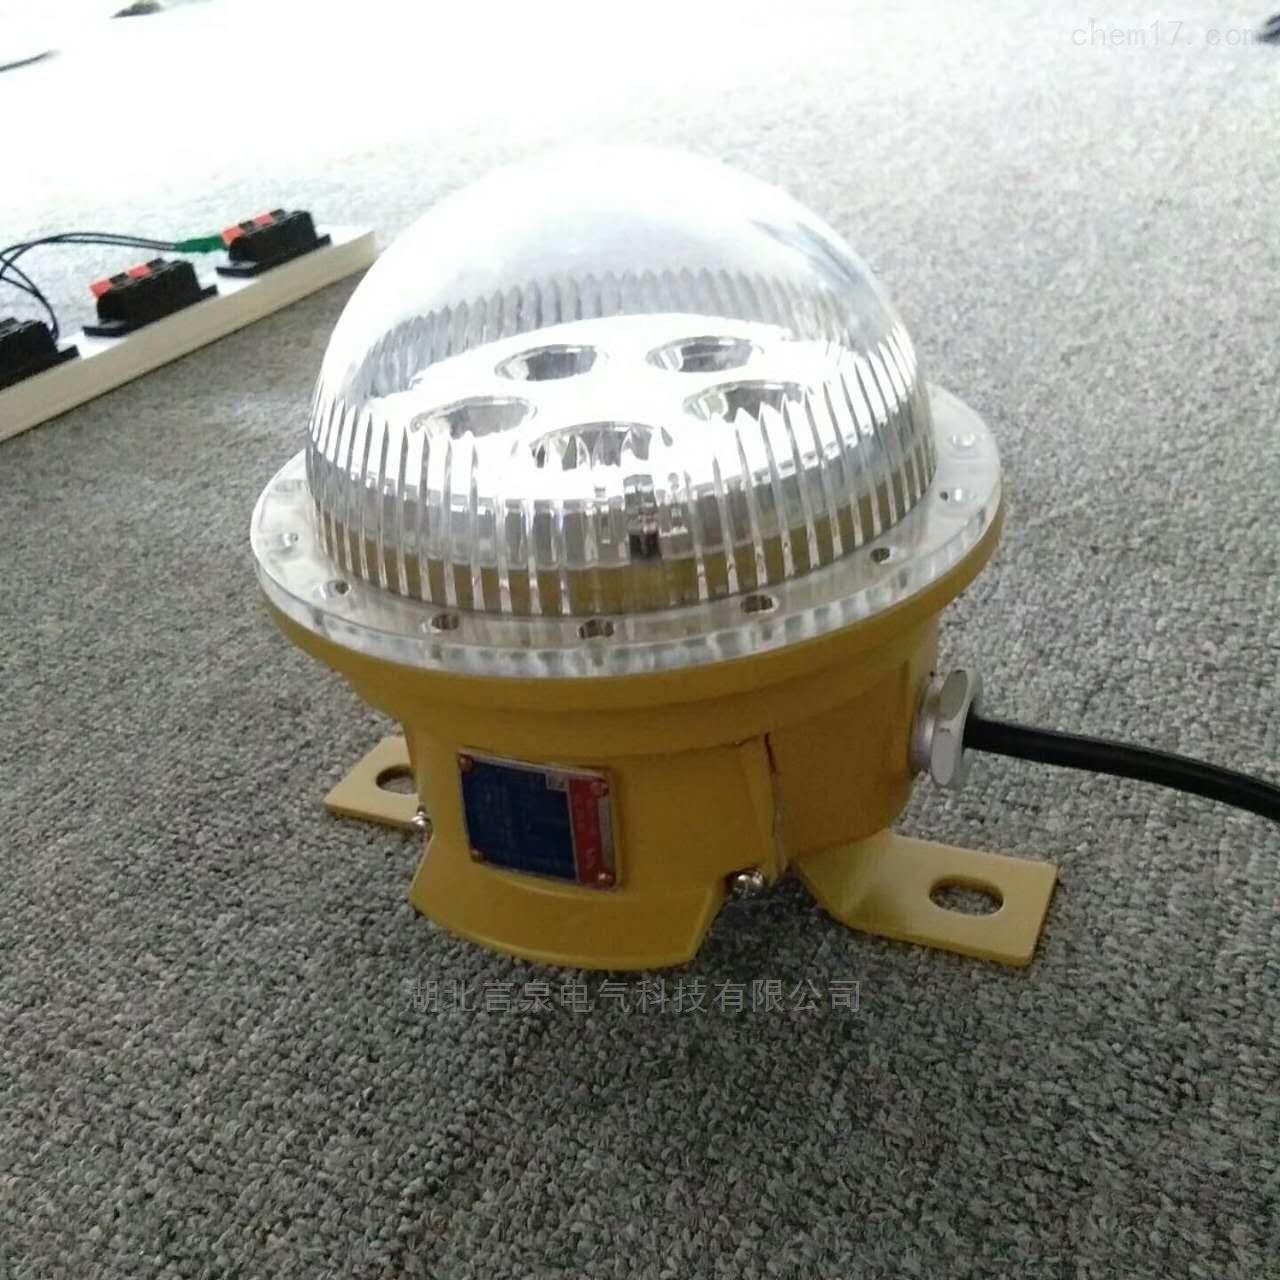 HRD920免维护防爆地沟长寿顶灯可装应急电池